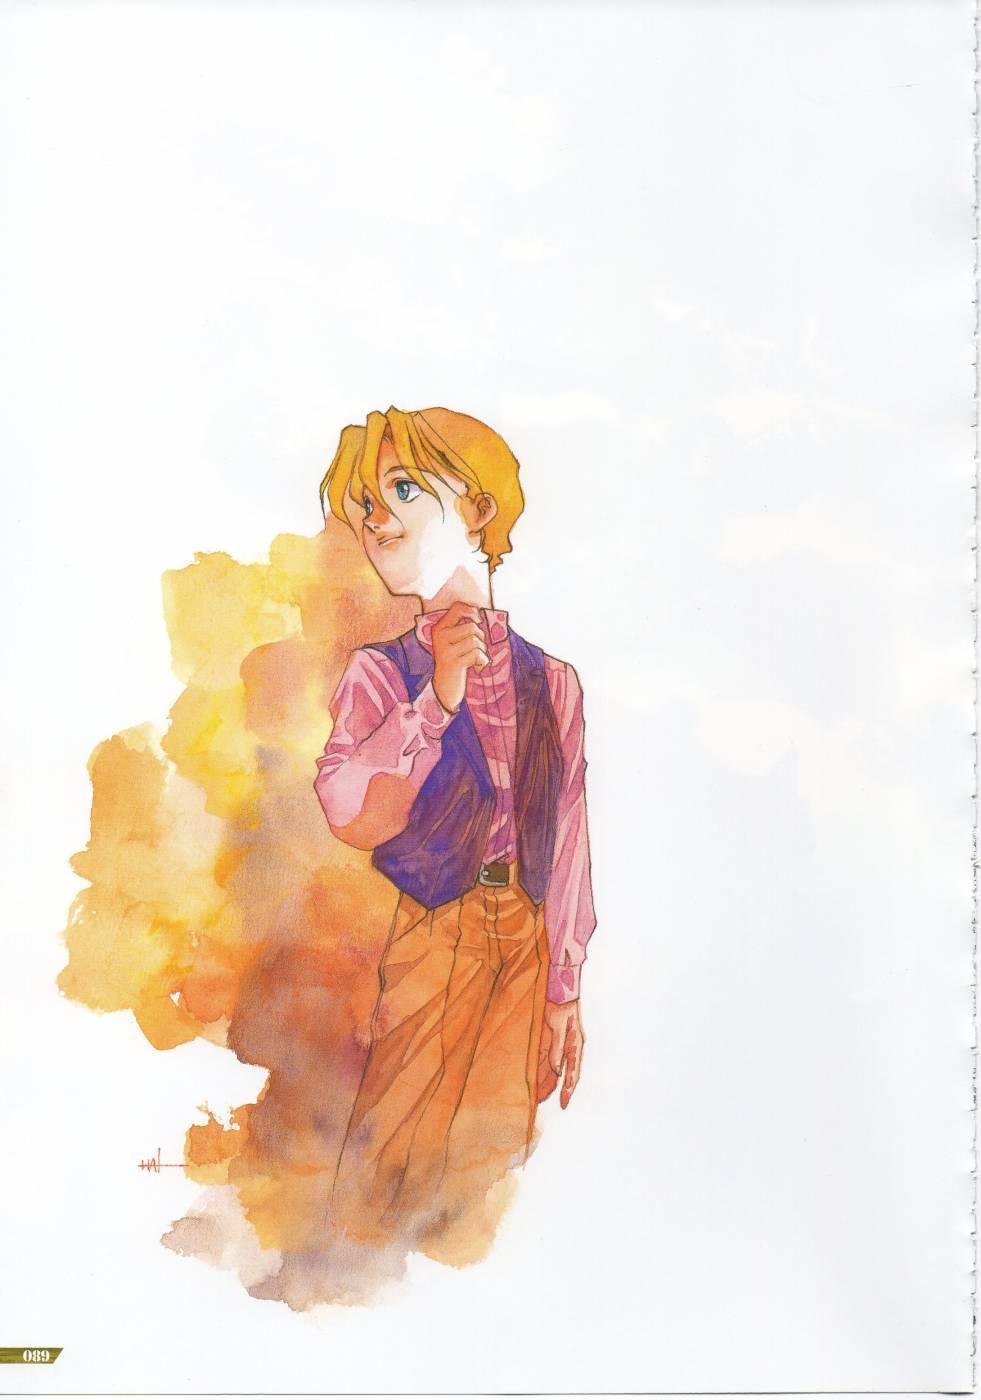 【画集】INTO THE SKY 美树本晴彦画集-看客路